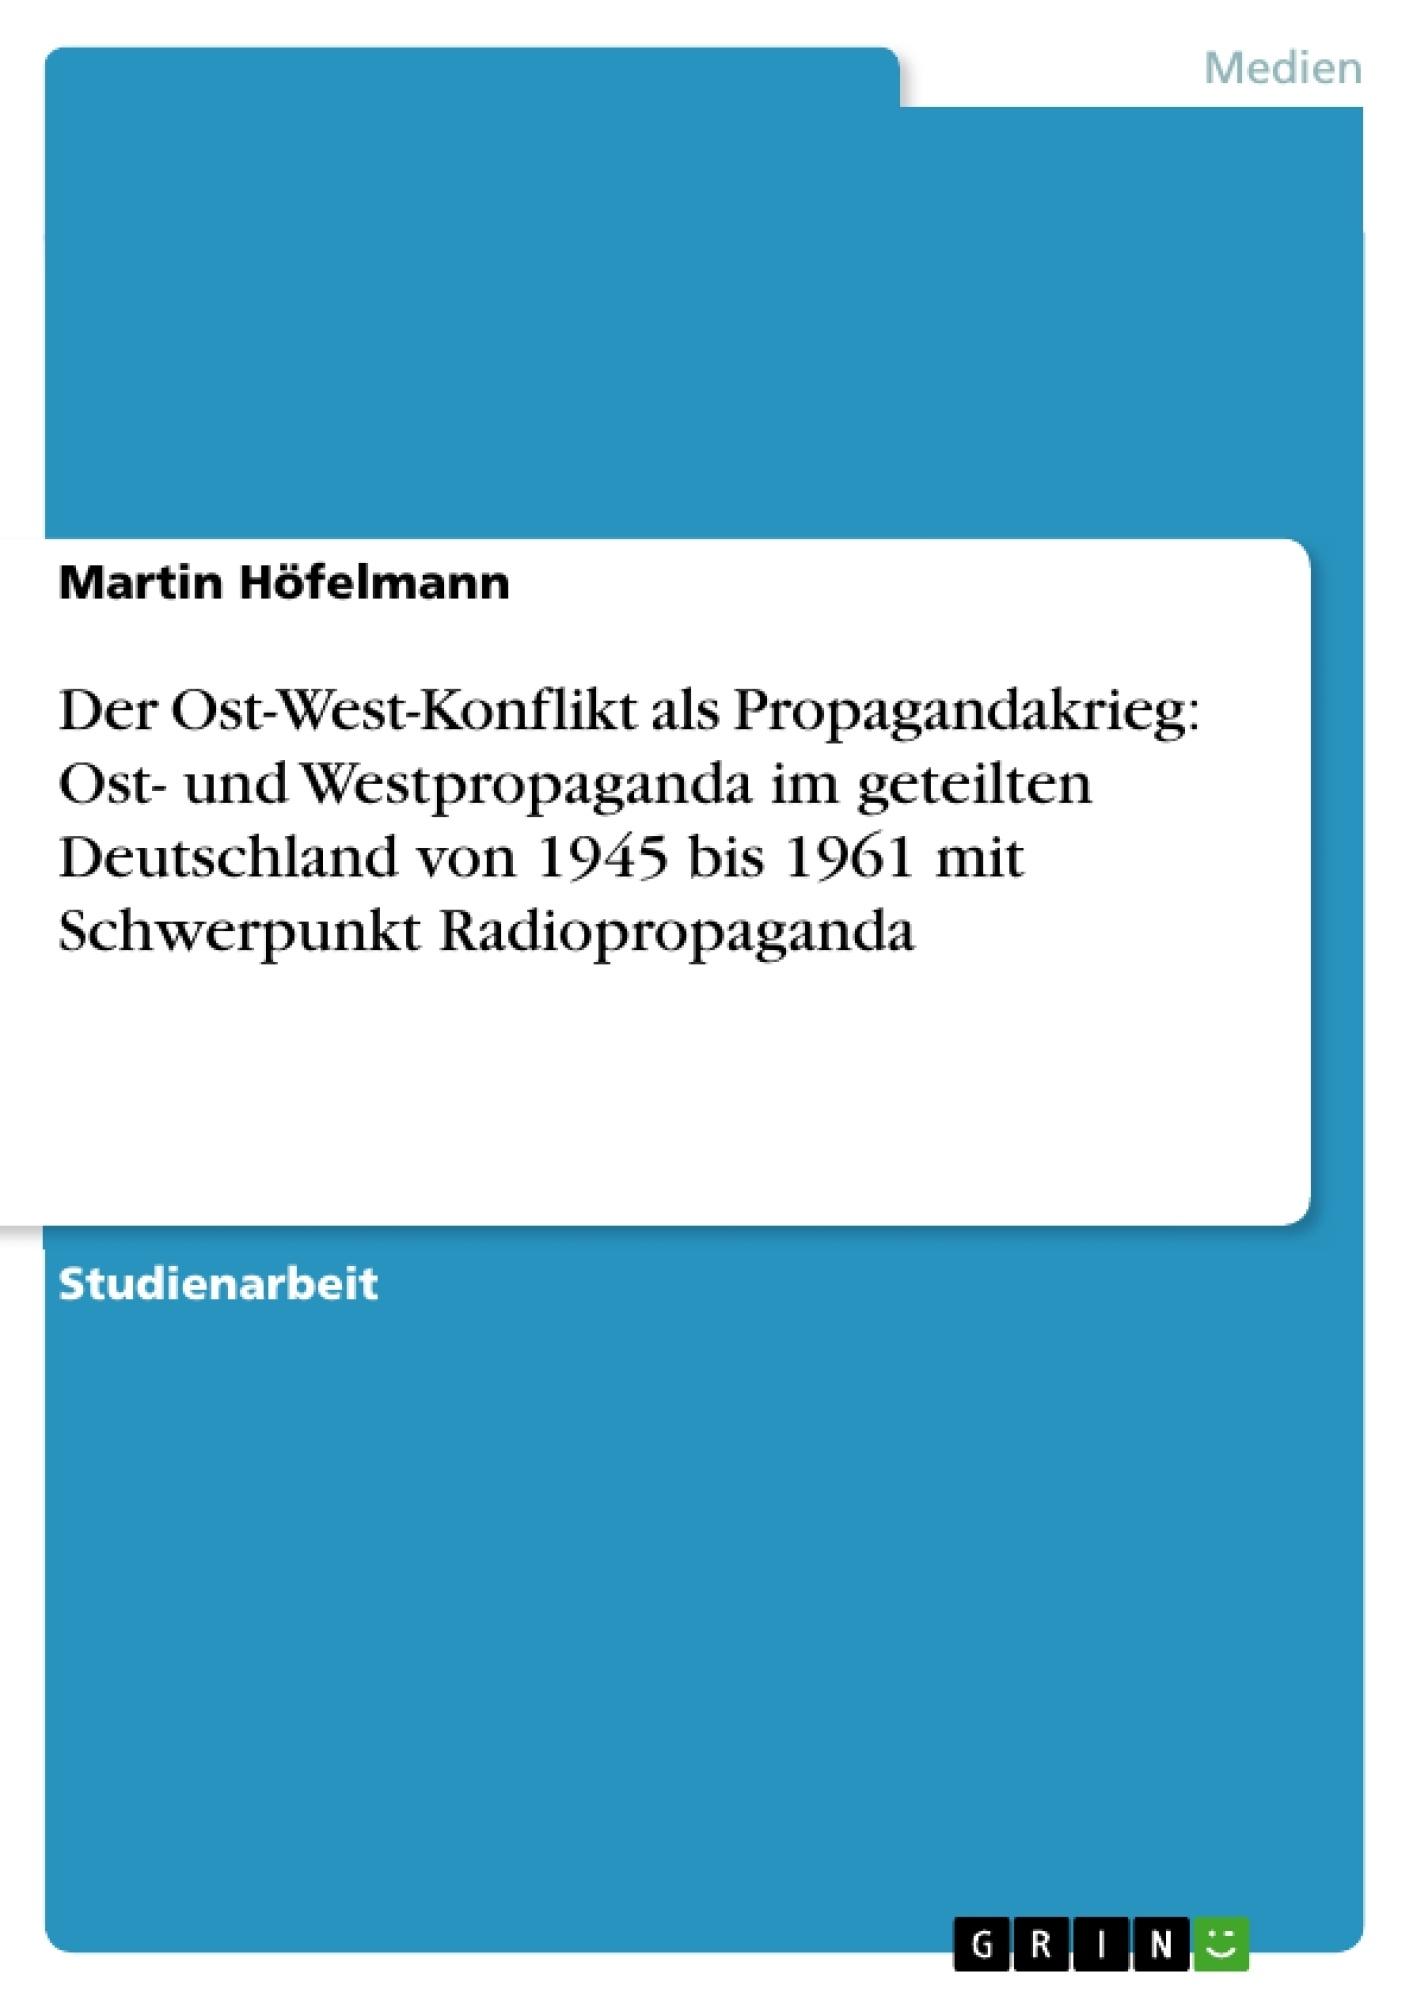 Titel: Der Ost-West-Konflikt als Propagandakrieg: Ost- und Westpropaganda im geteilten Deutschland von 1945 bis 1961 mit Schwerpunkt Radiopropaganda